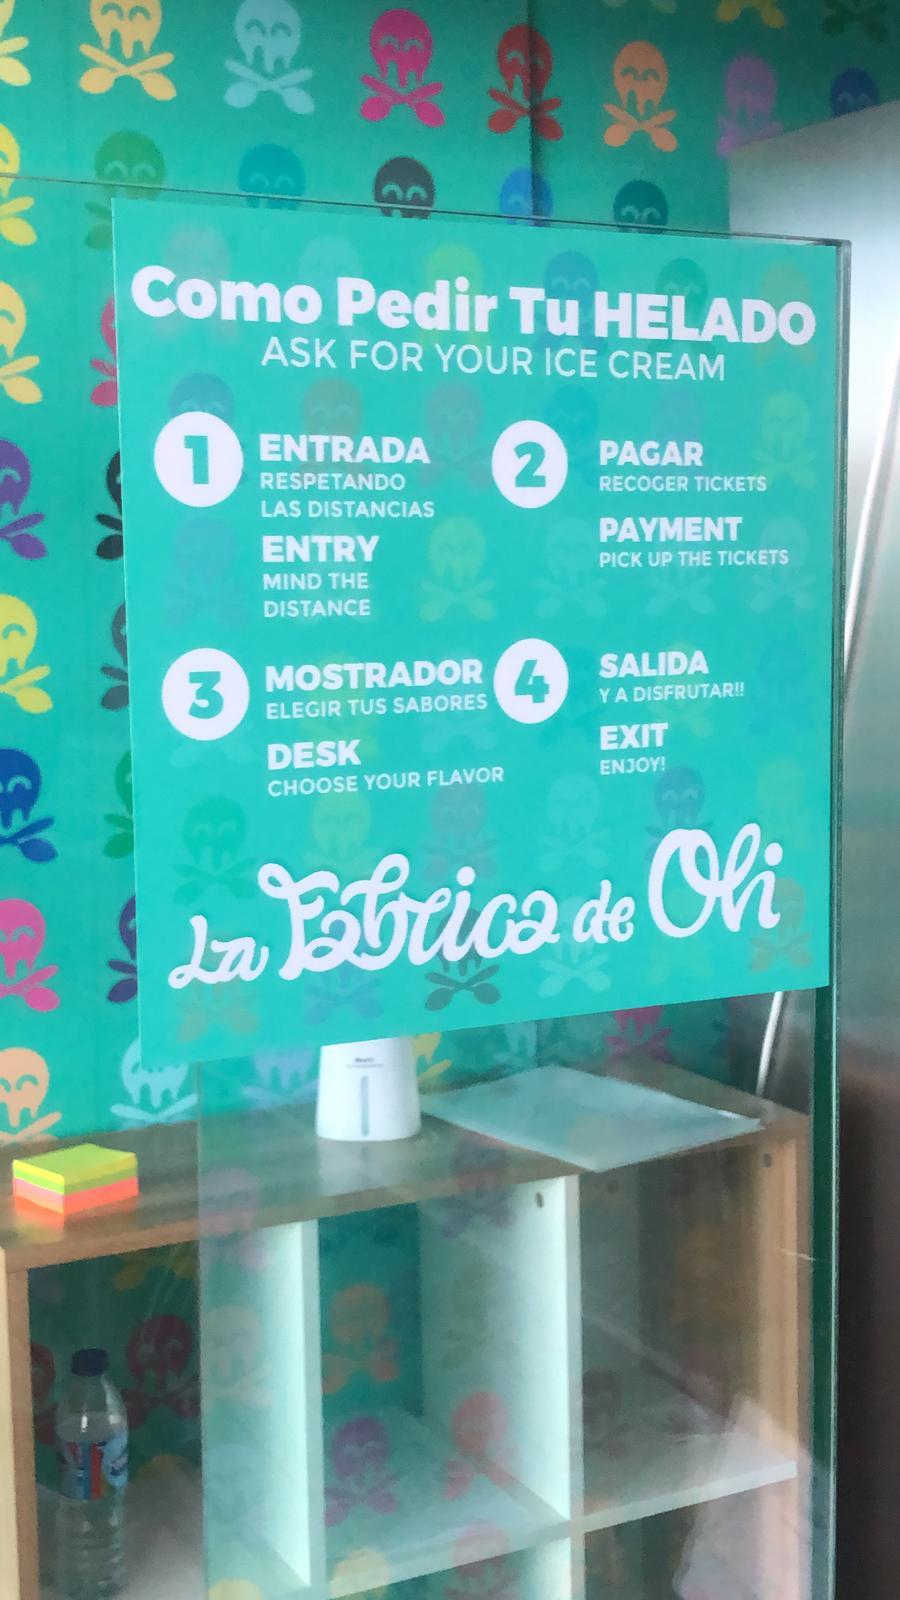 Cartel cómo pedir tu helado en La fábrica de Oli